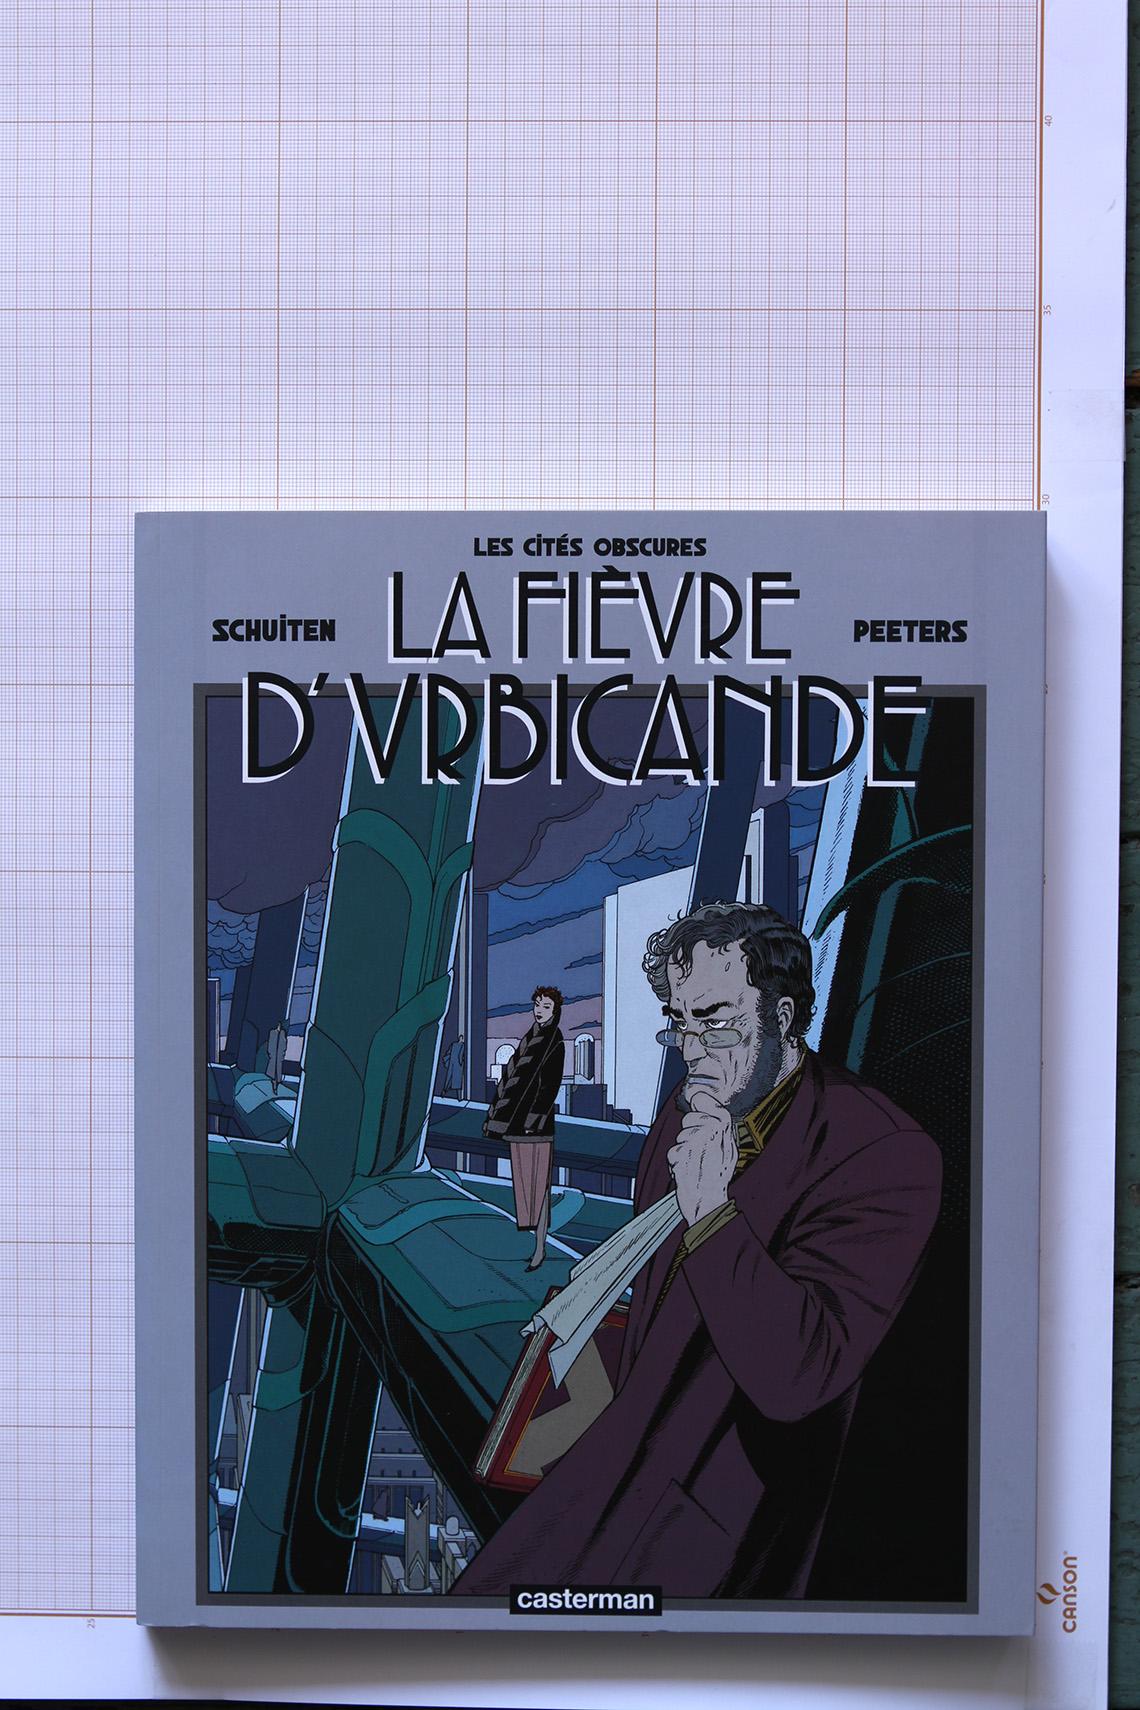 La Fièvre d'Urbicande, F.Schuiten & B. Peeters - Casterman© Maison Autrique, 2012